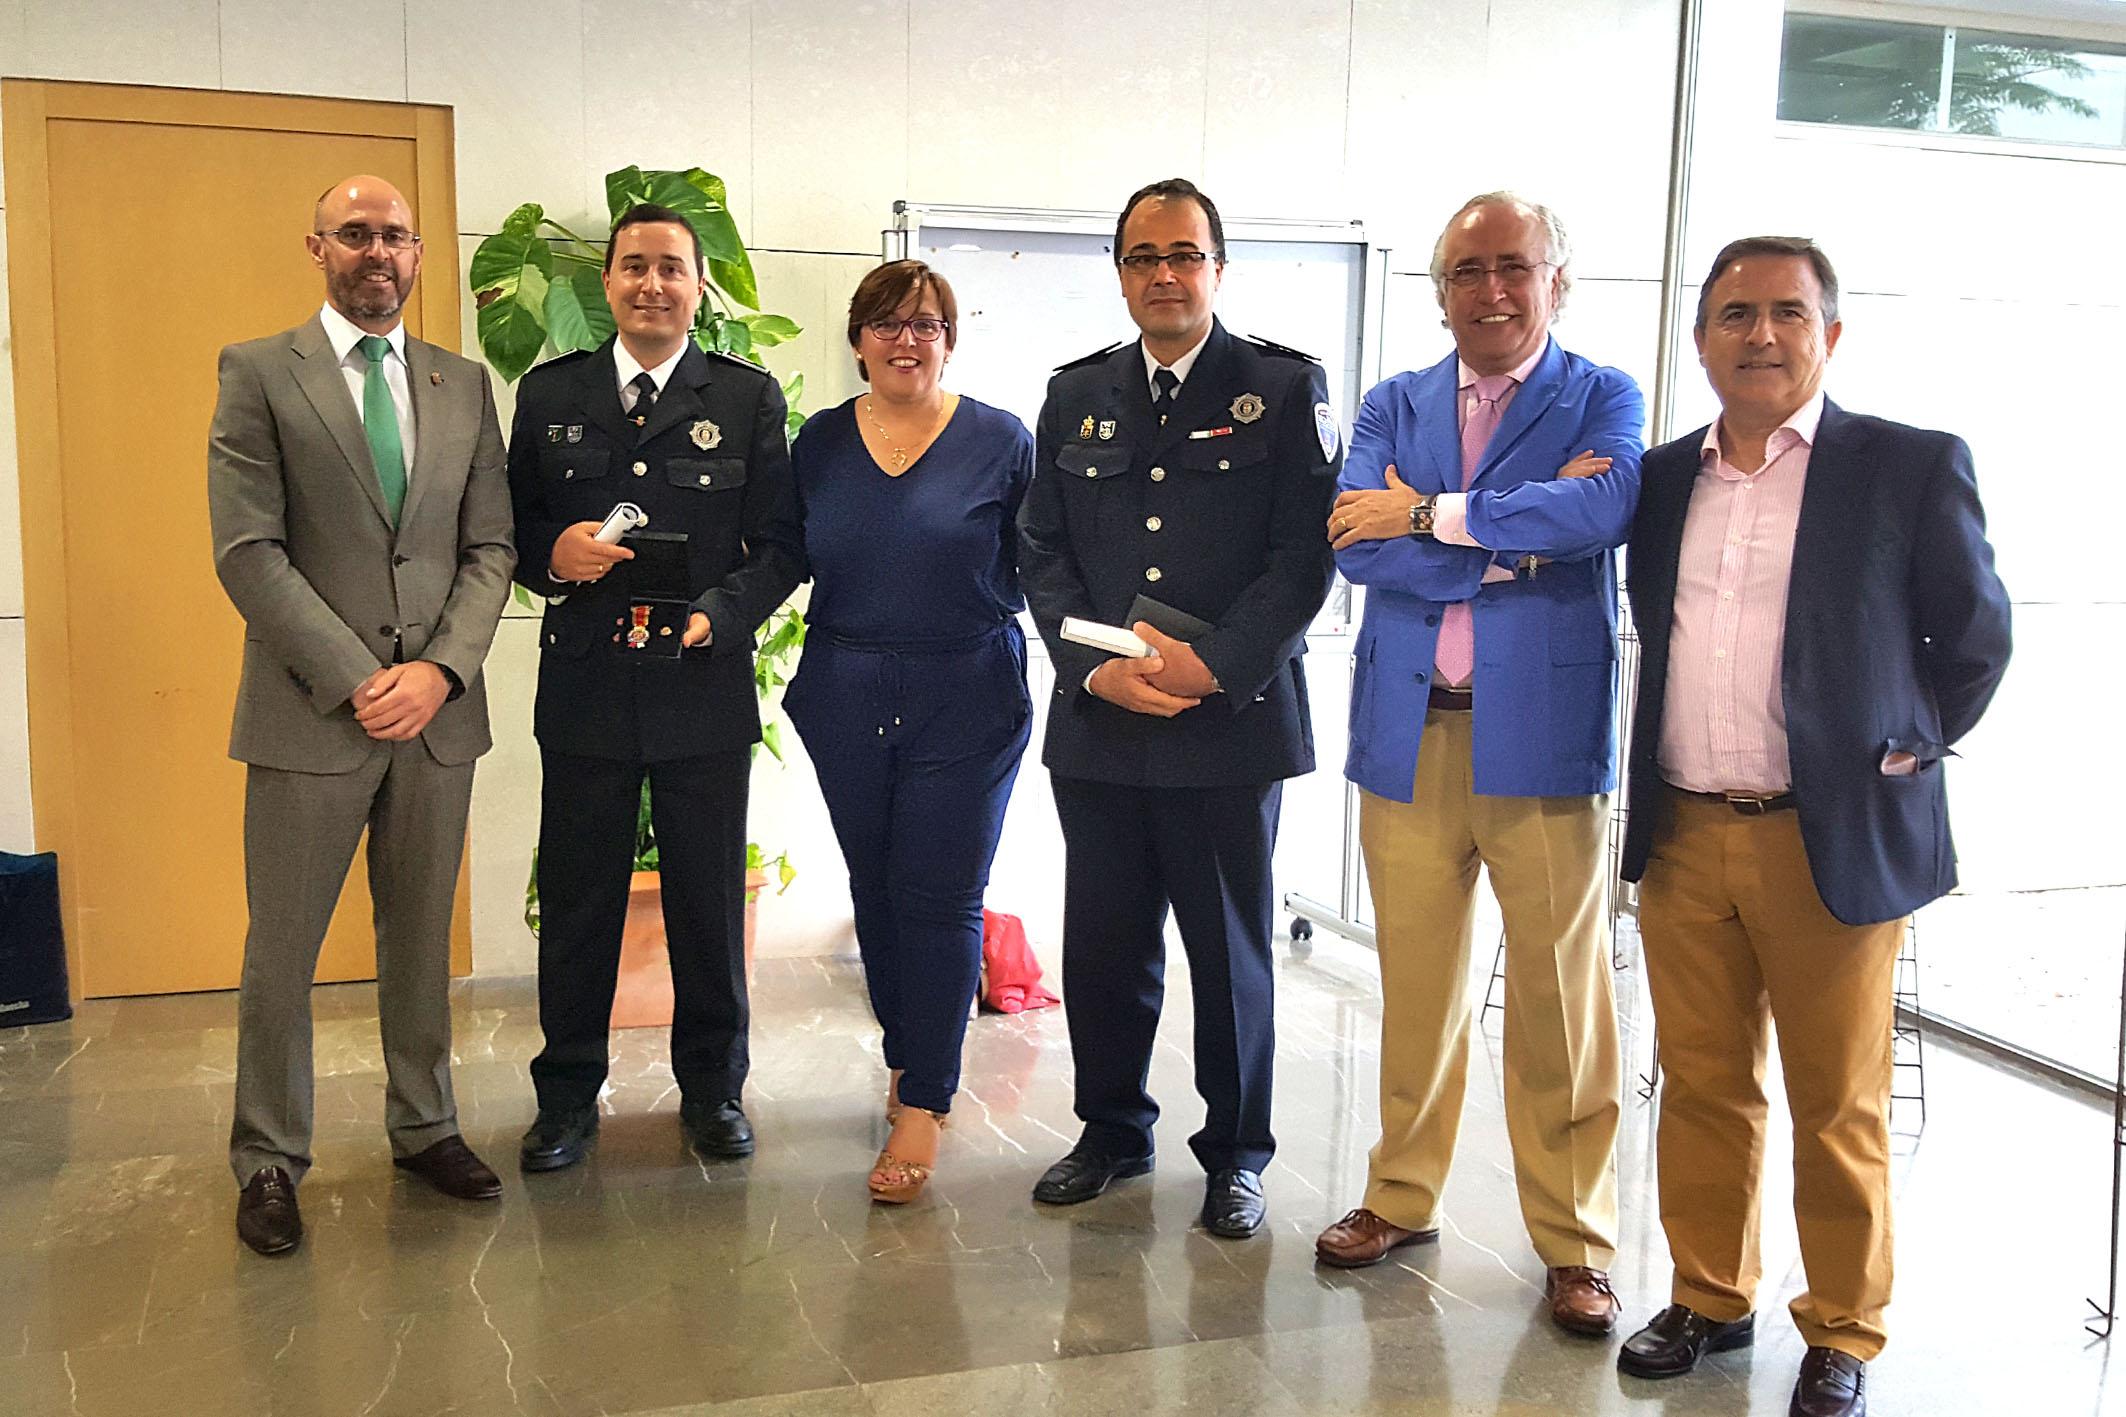 Alberto Carretón y Héctor Muñoz condecorados con la medalla de Protección Civil de Castilla-La Mancha